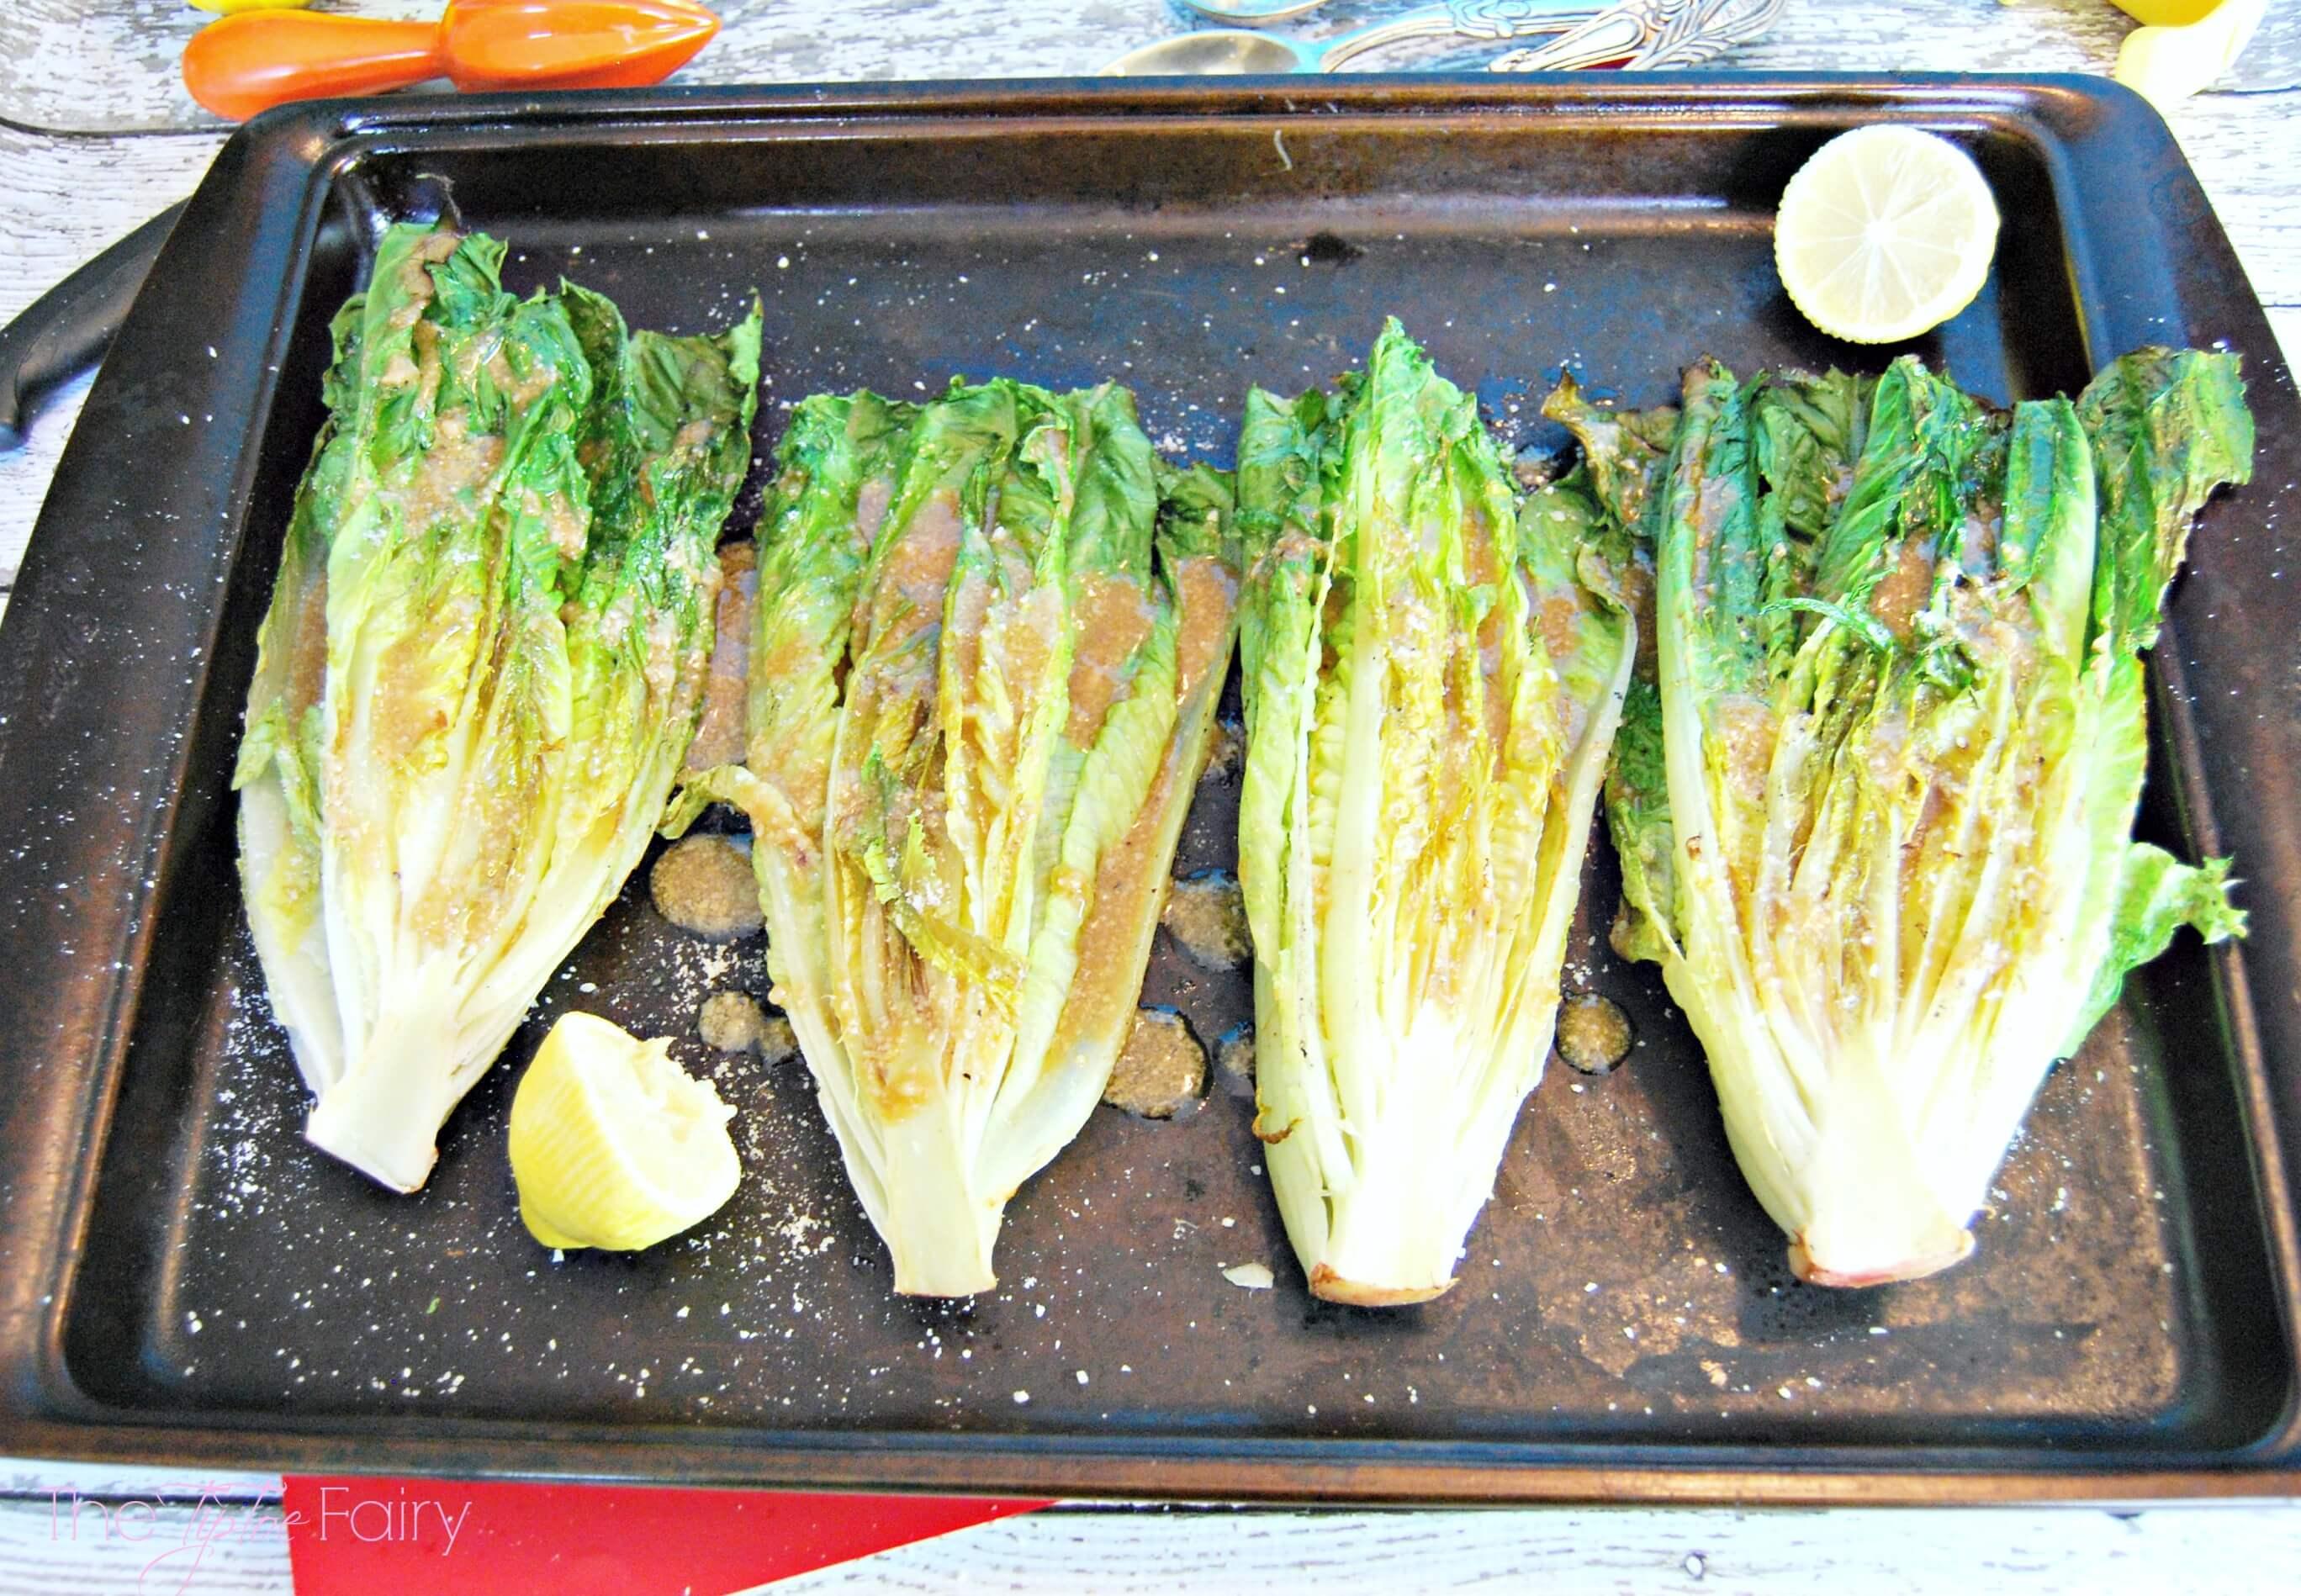 Grilled Romaine lettuce with Caesar vinaigrette dressing.